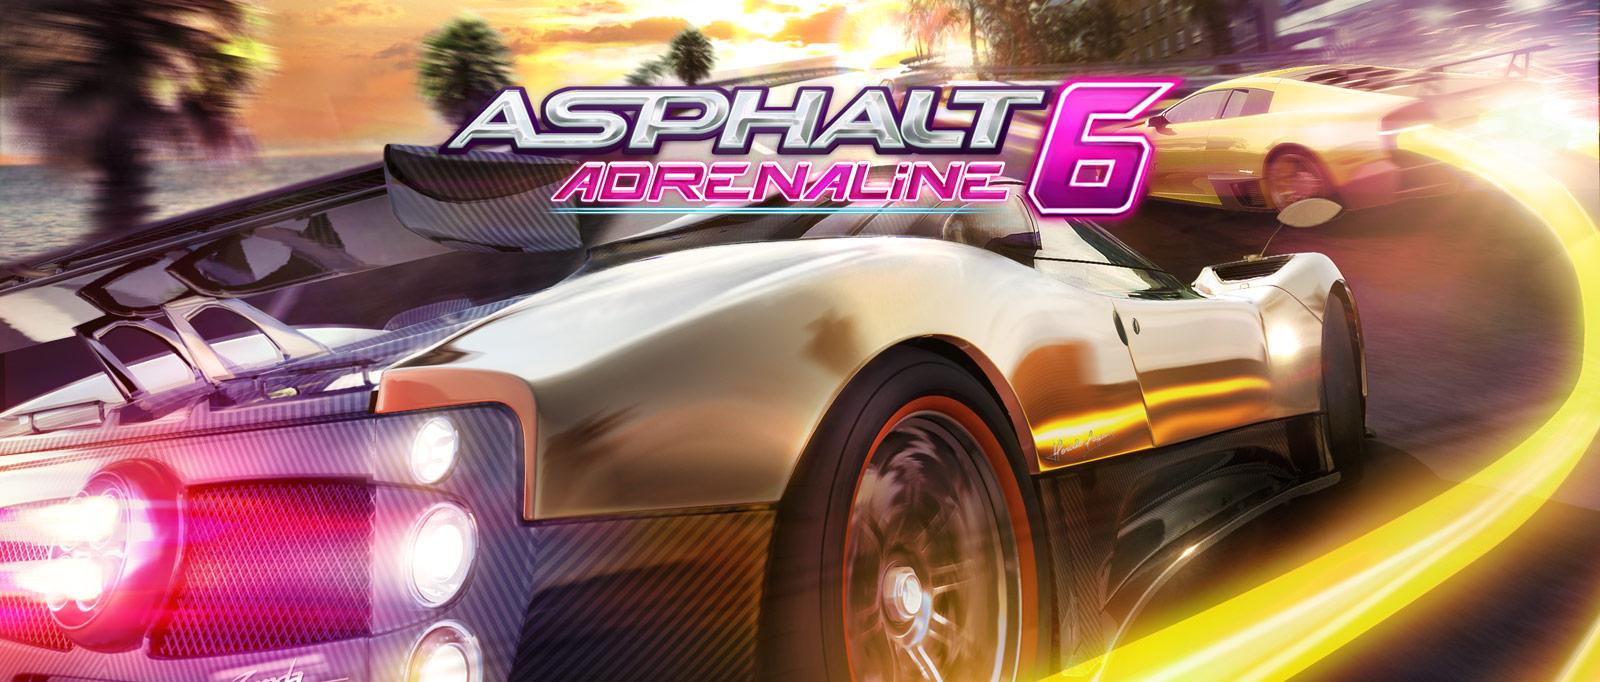 Asphalt 6: Adrenaline